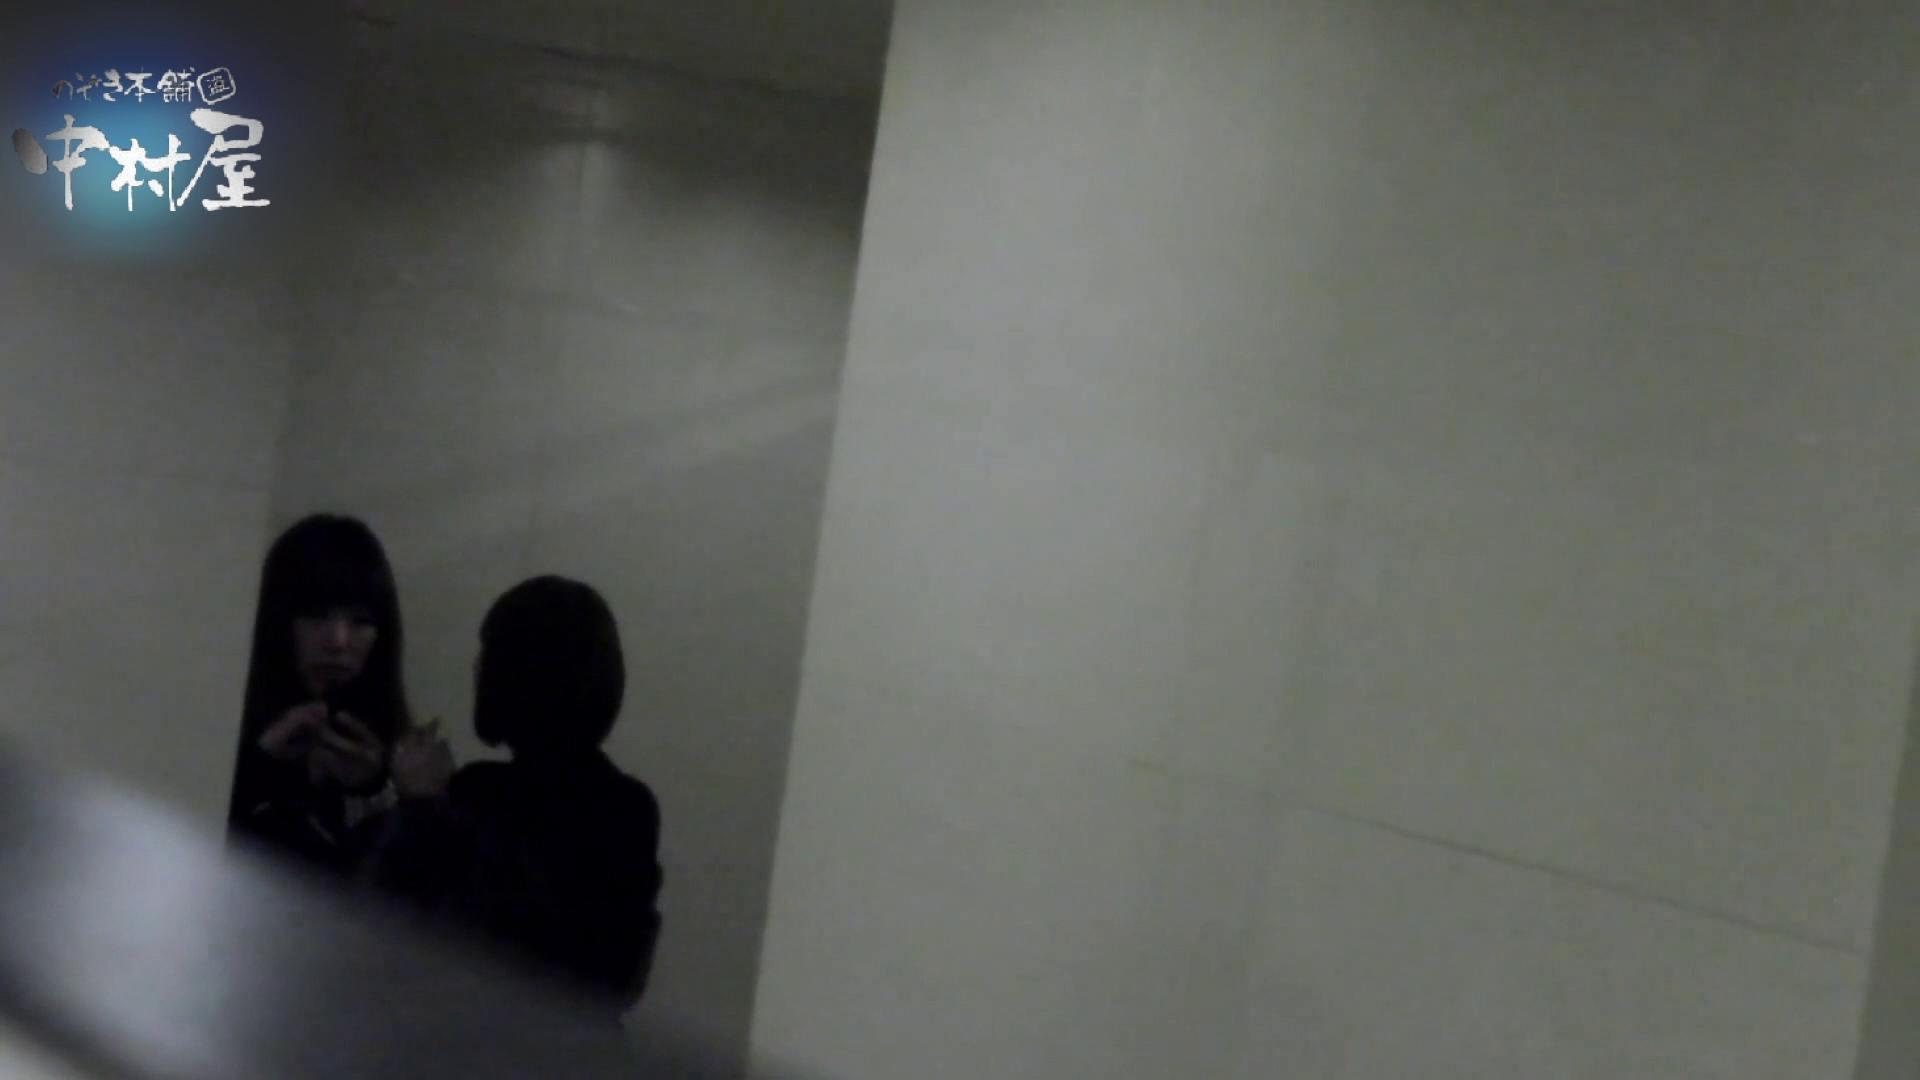 乙女集まる!ショッピングモール潜入撮vol.01 その他 盗み撮りオマンコ動画キャプチャ 101画像 23